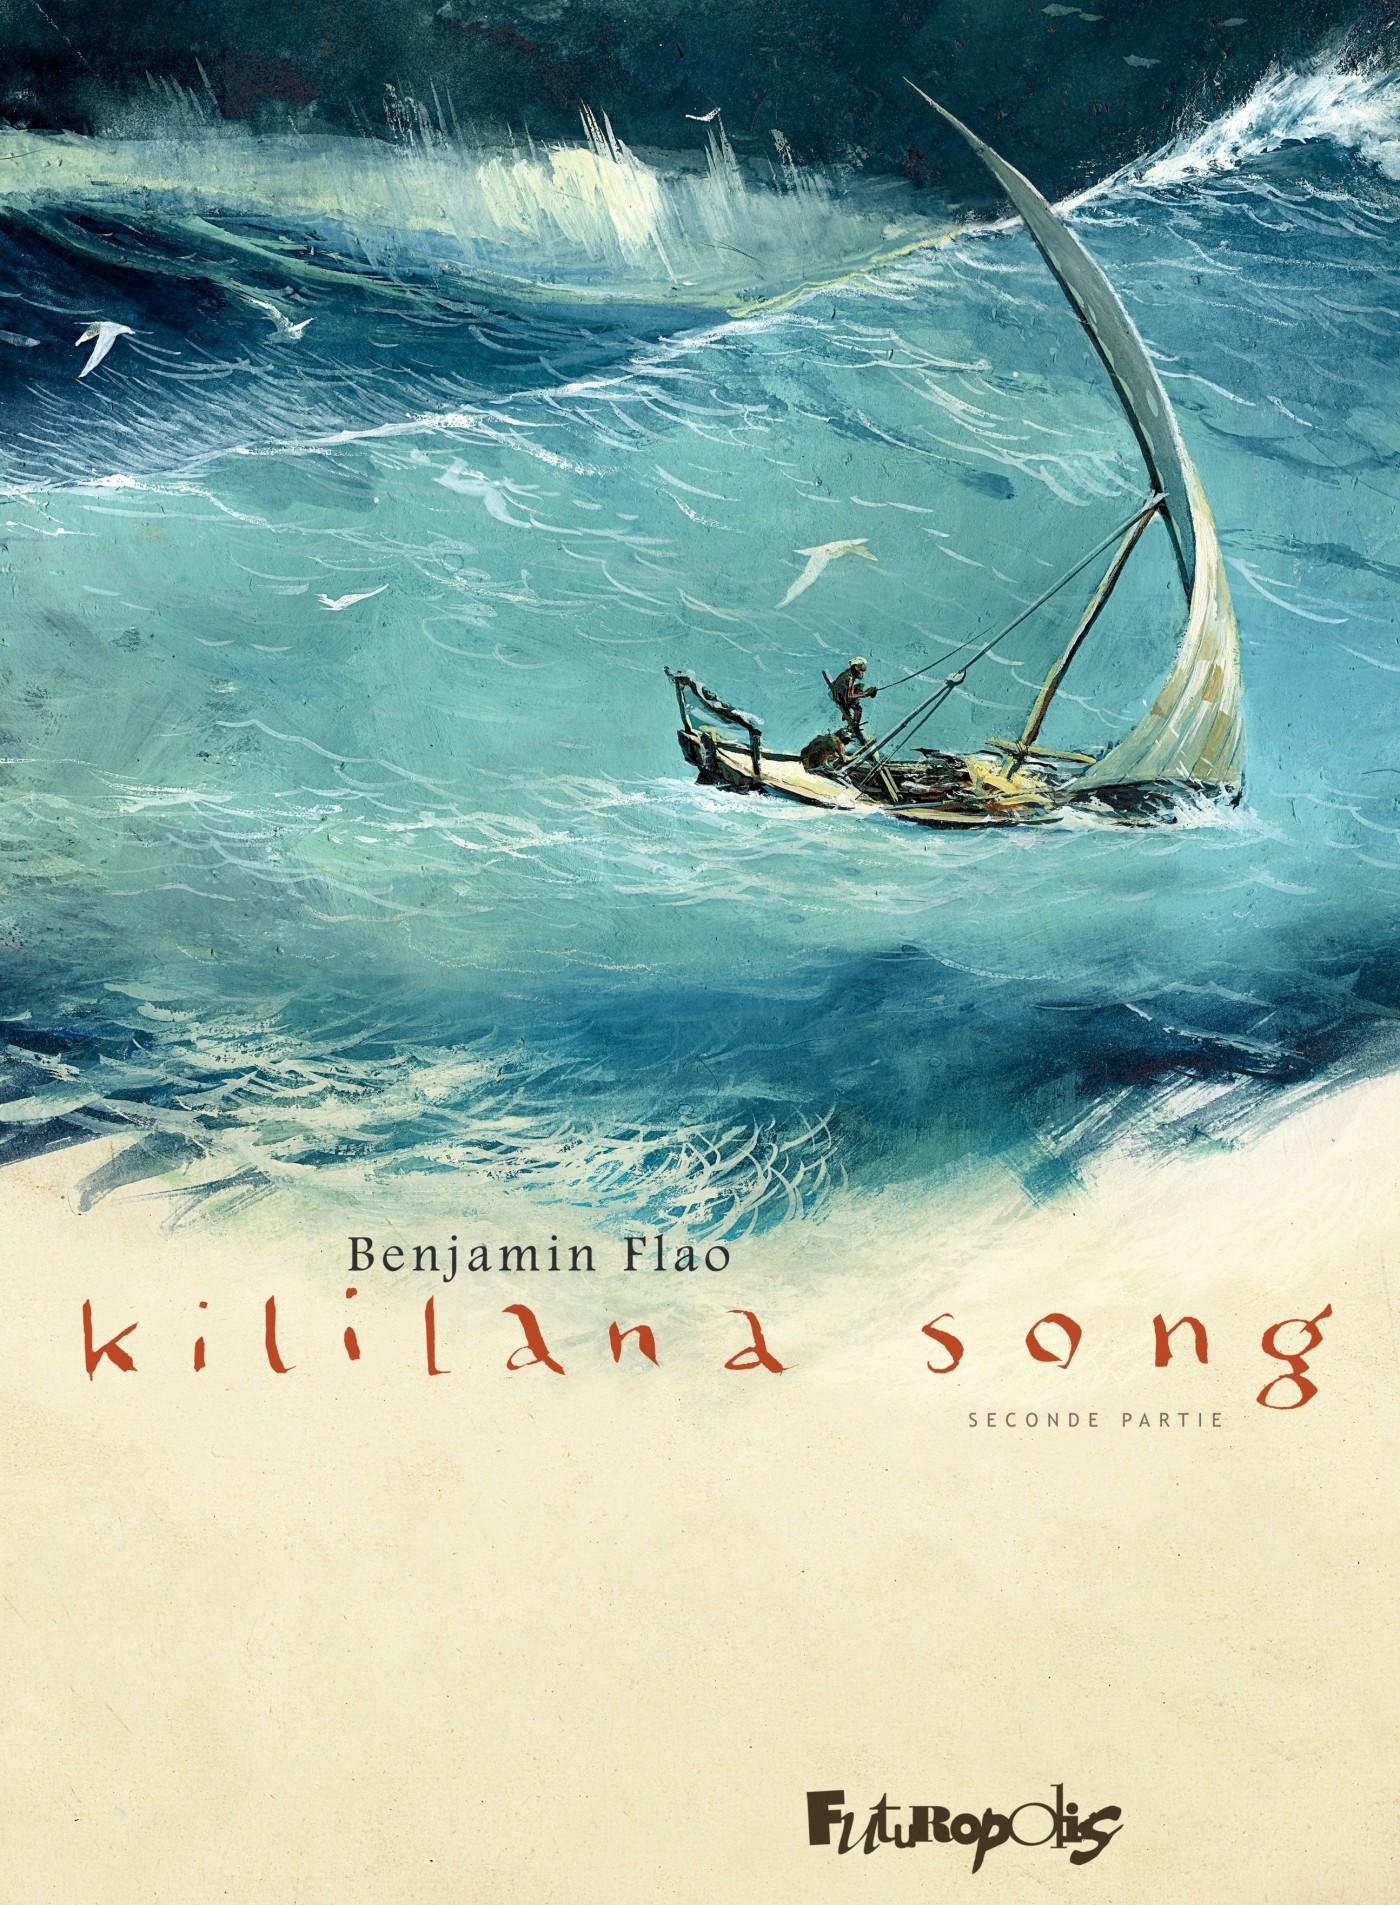 Kililana song (Tome 2)